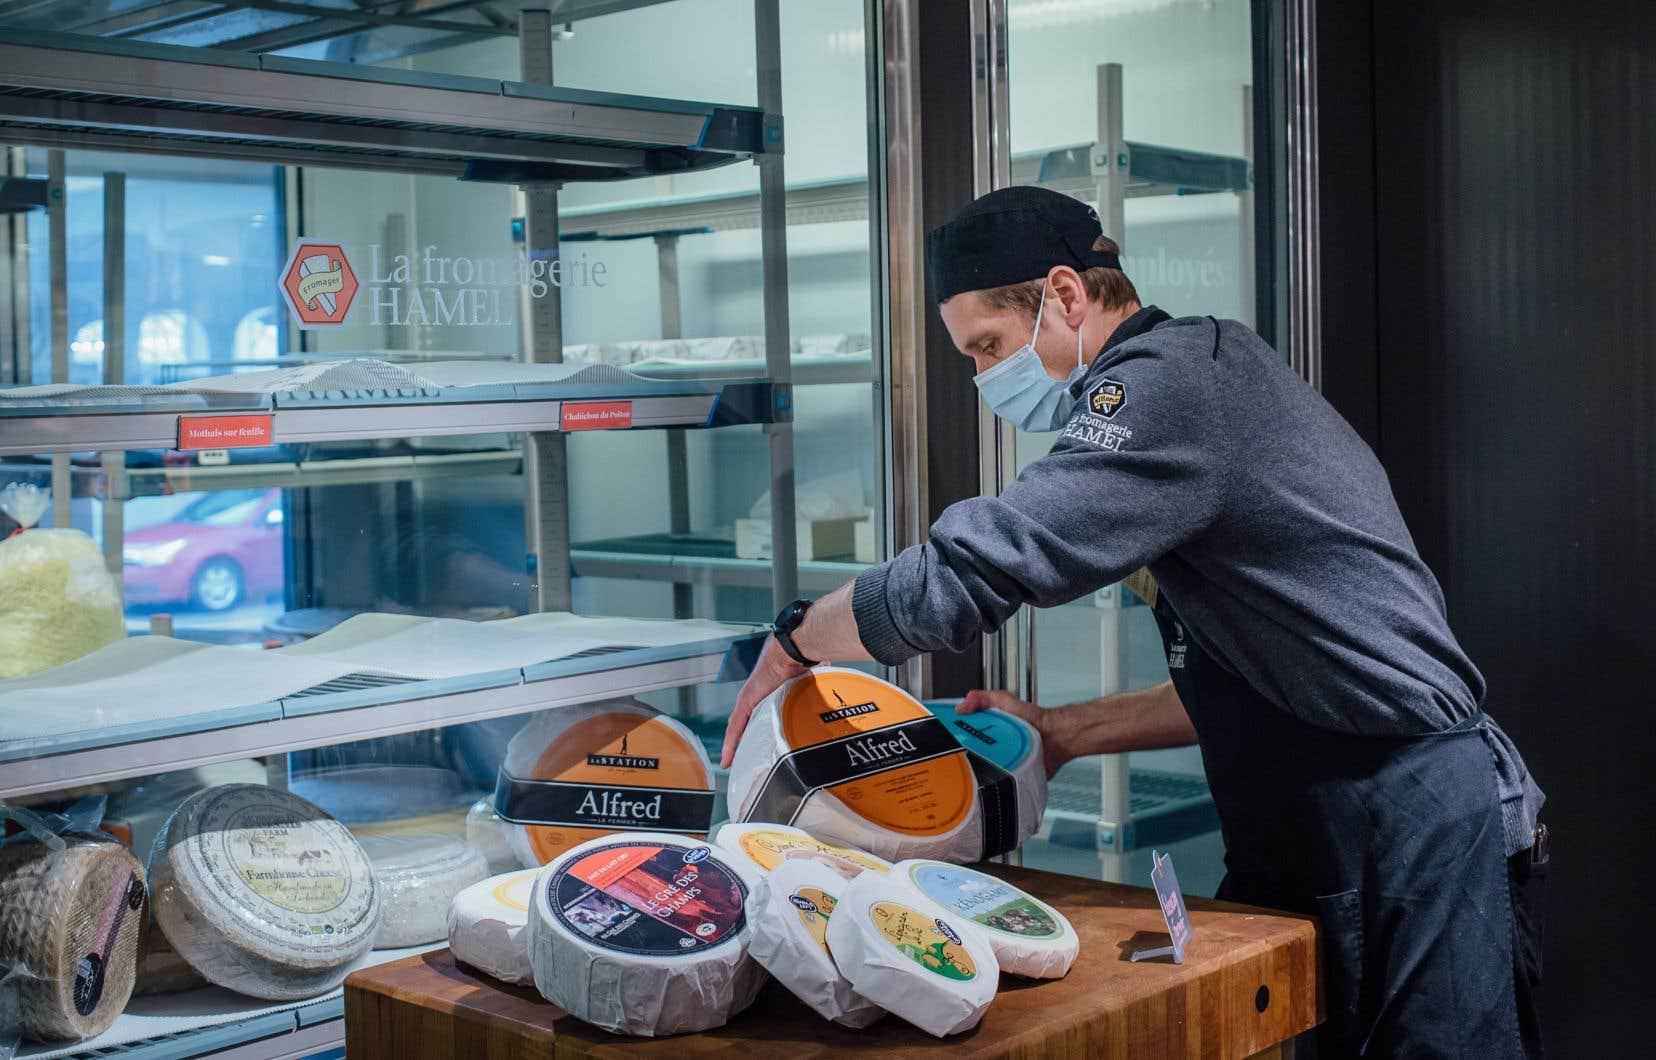 Il y a entre 30 et 40 entreprises admissibles au Québec. Sur la photo, Dominic Décarie arrange une sélection de fromages fermiers du Québec à la fromagerie Hamel du marché Jean-Talon.